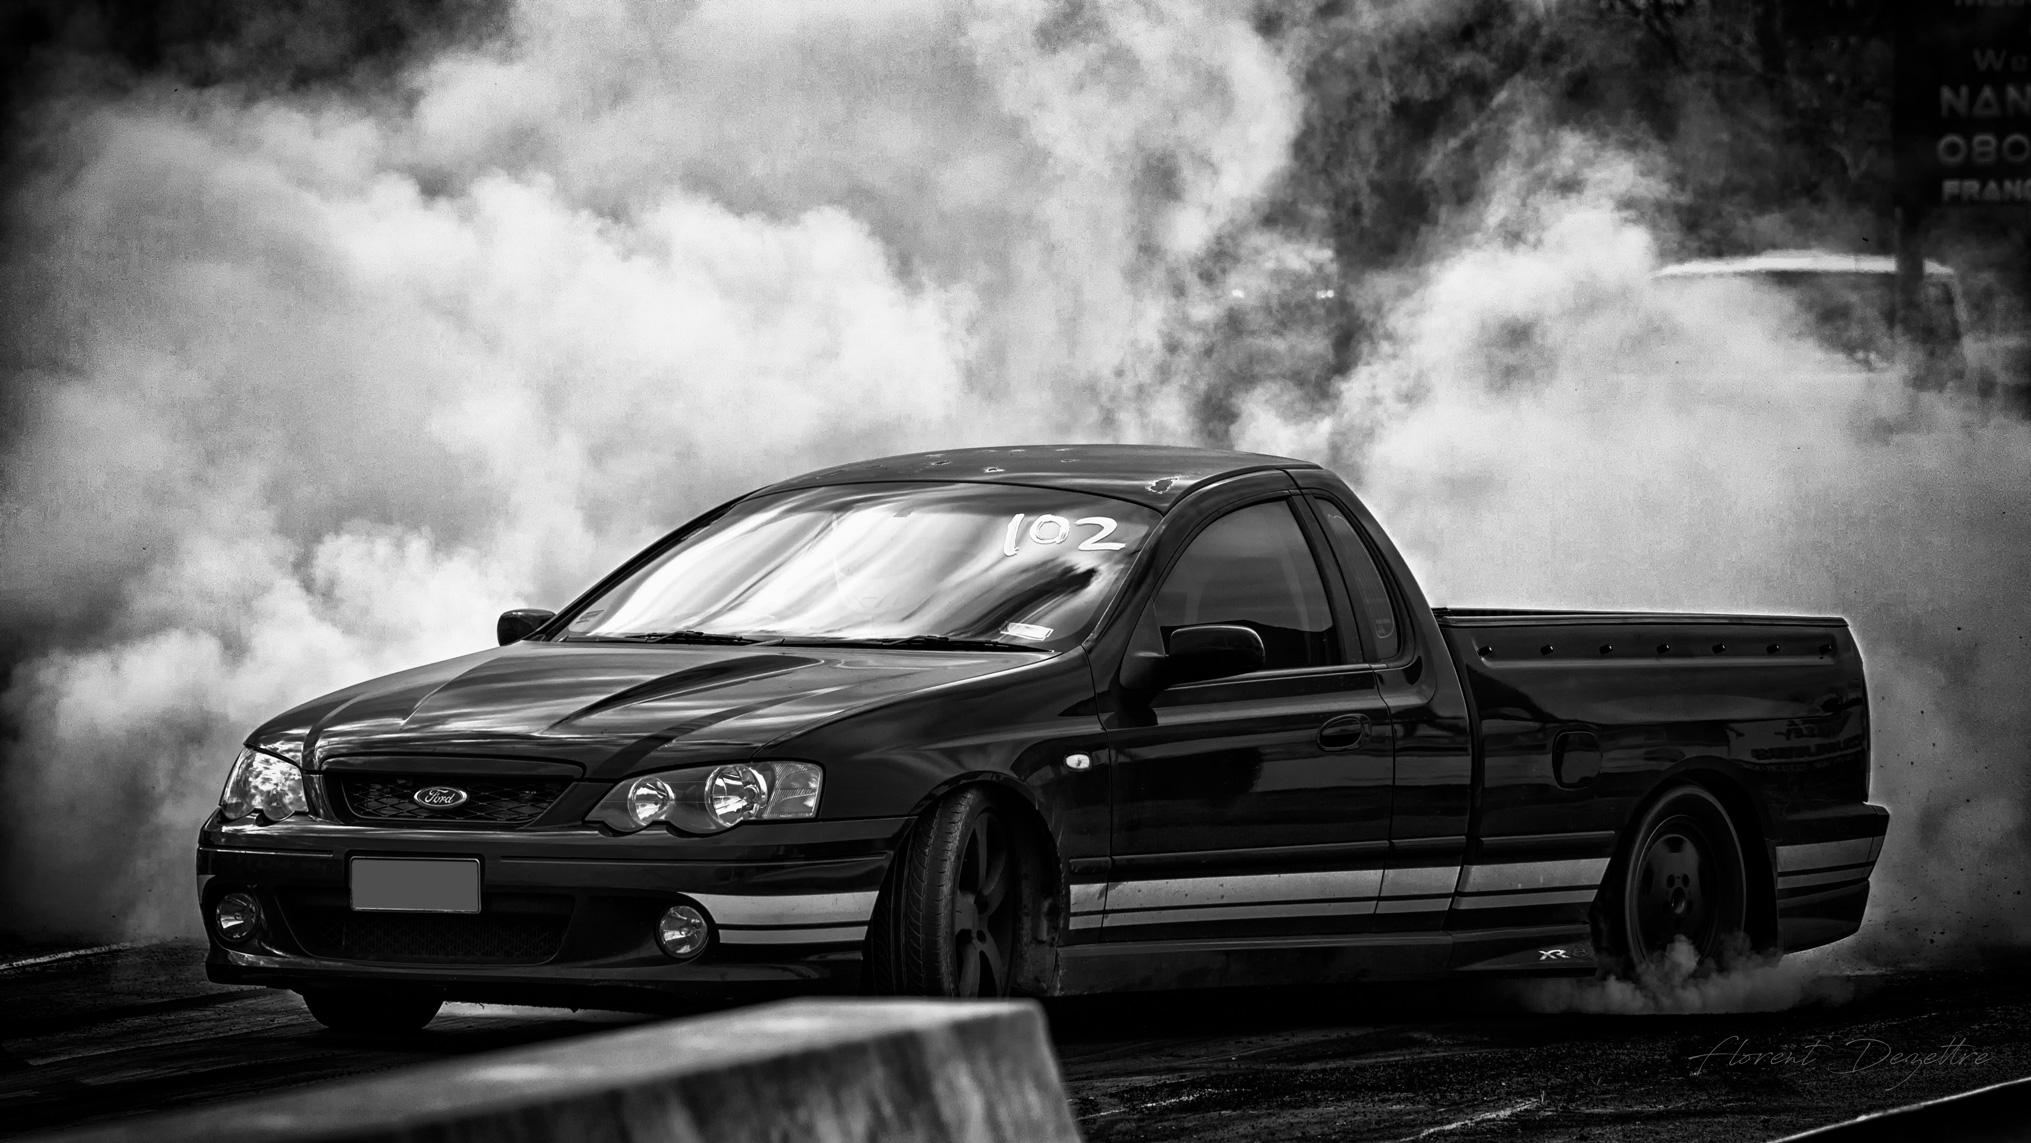 Smokey-Ute